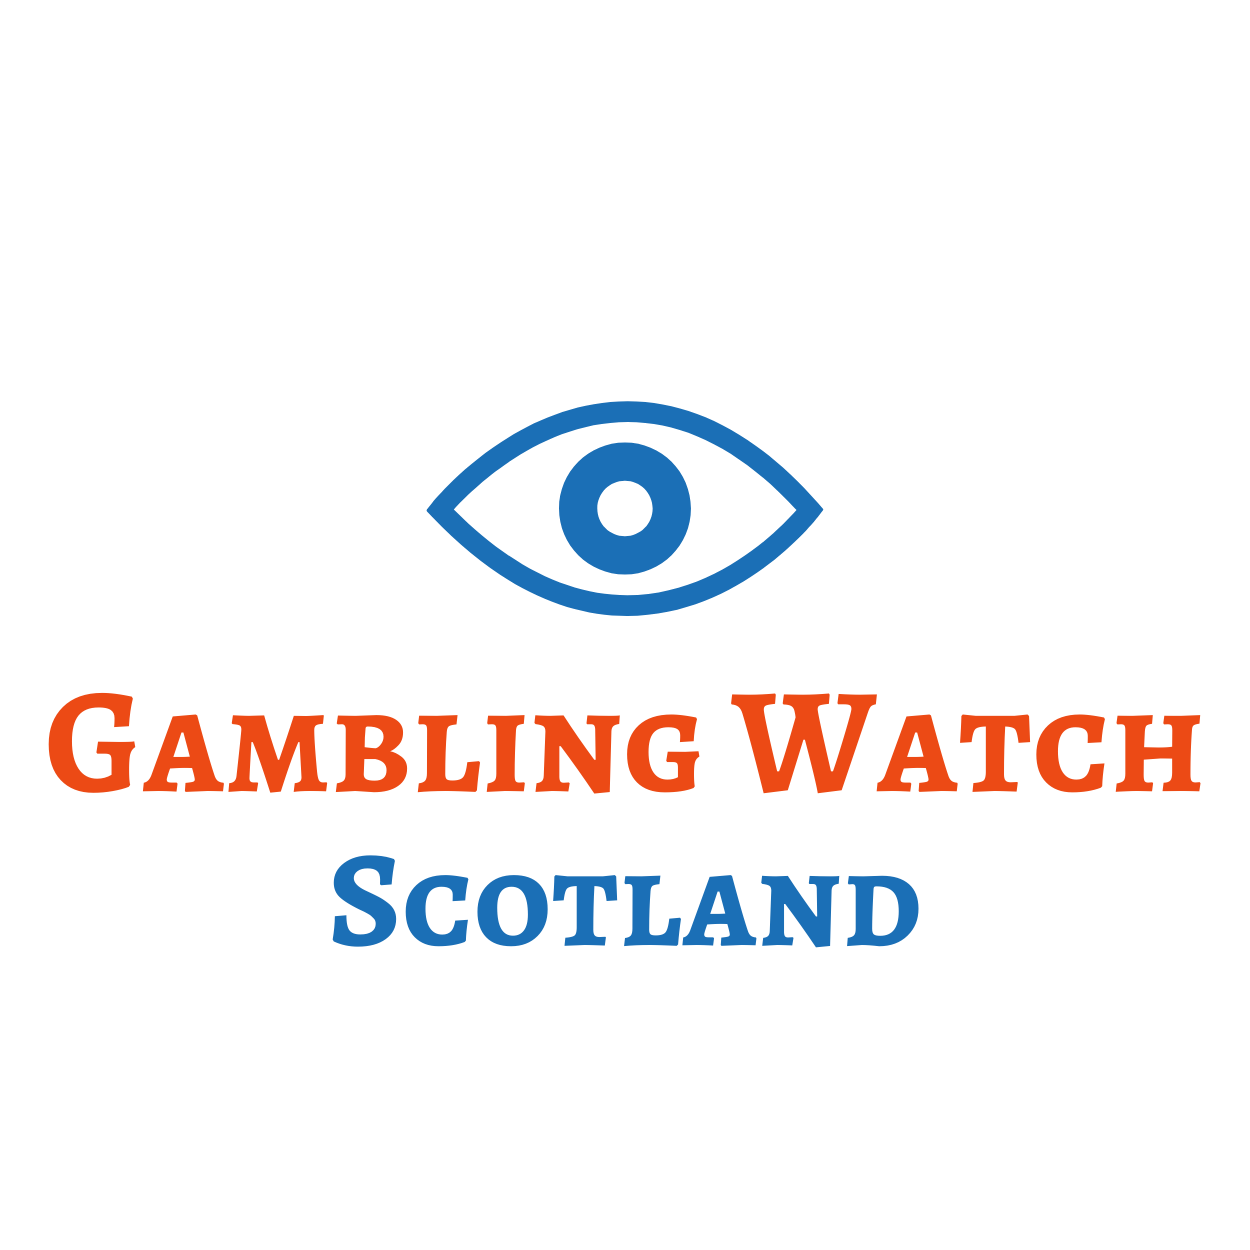 Gambling Watch Scotland